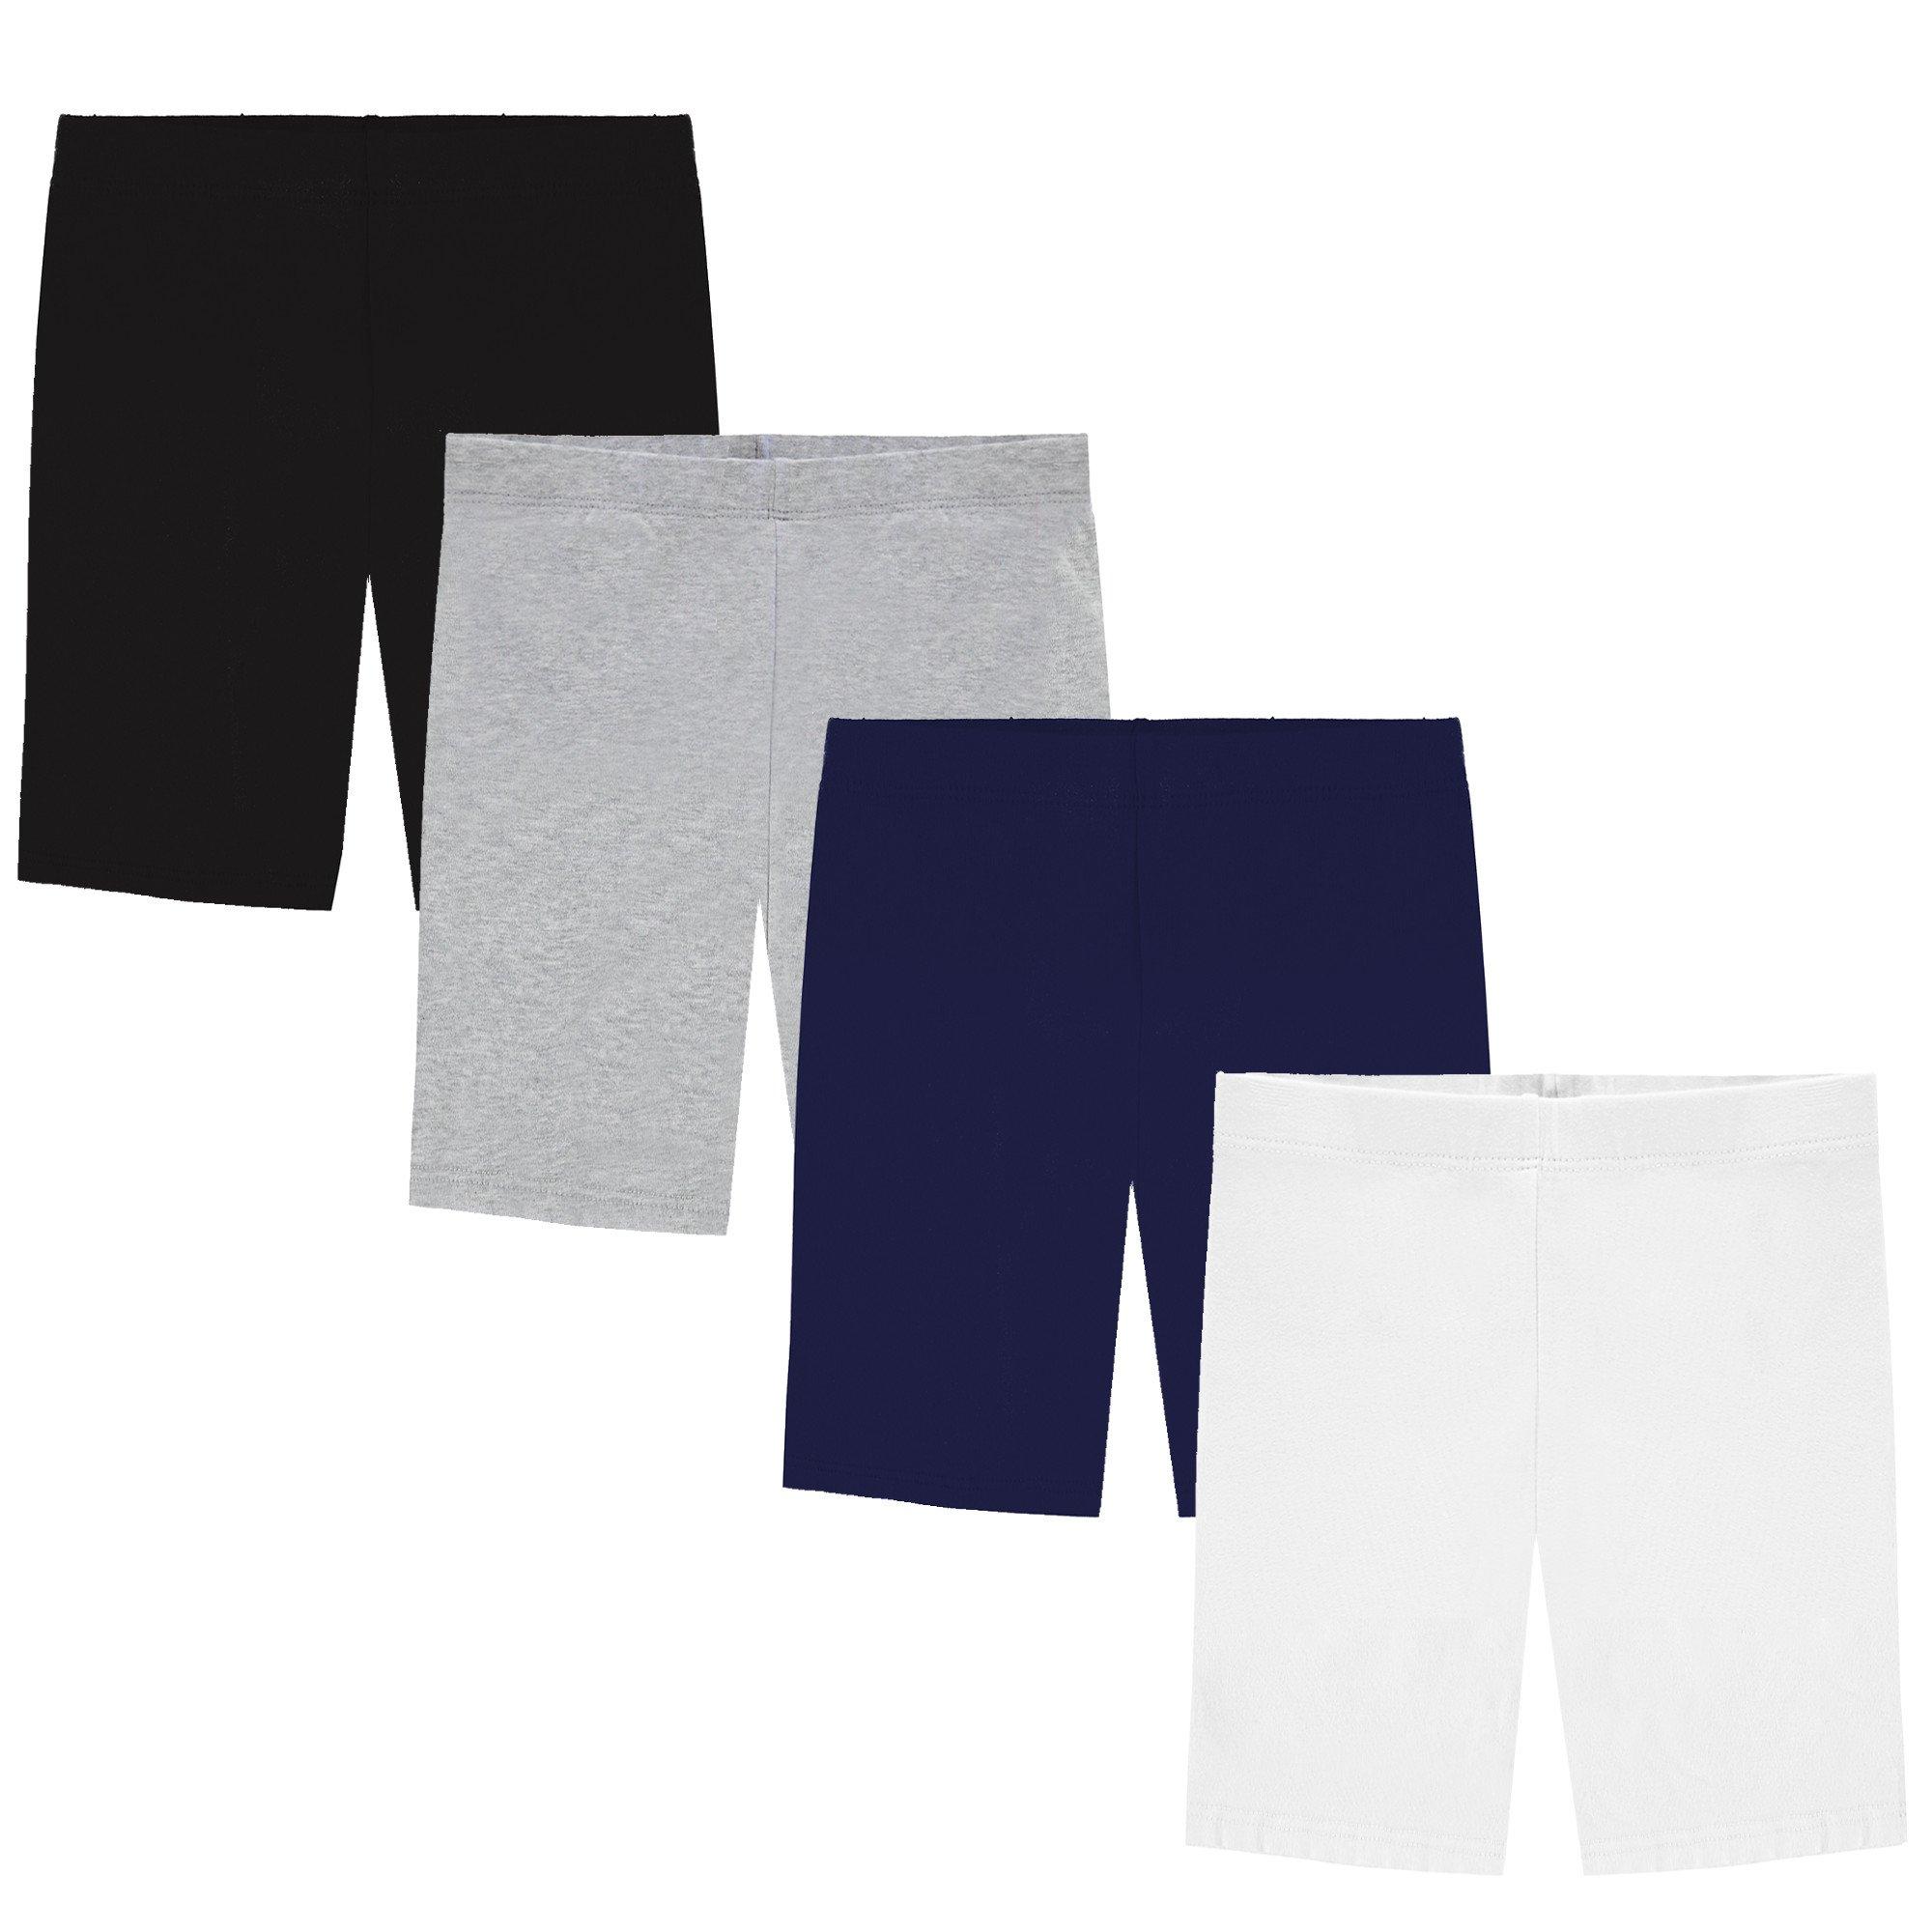 Popular Girl's Value Pack Long Cotton Bike Shorts - 4 Pack - Black, Grey, Navy, White - L